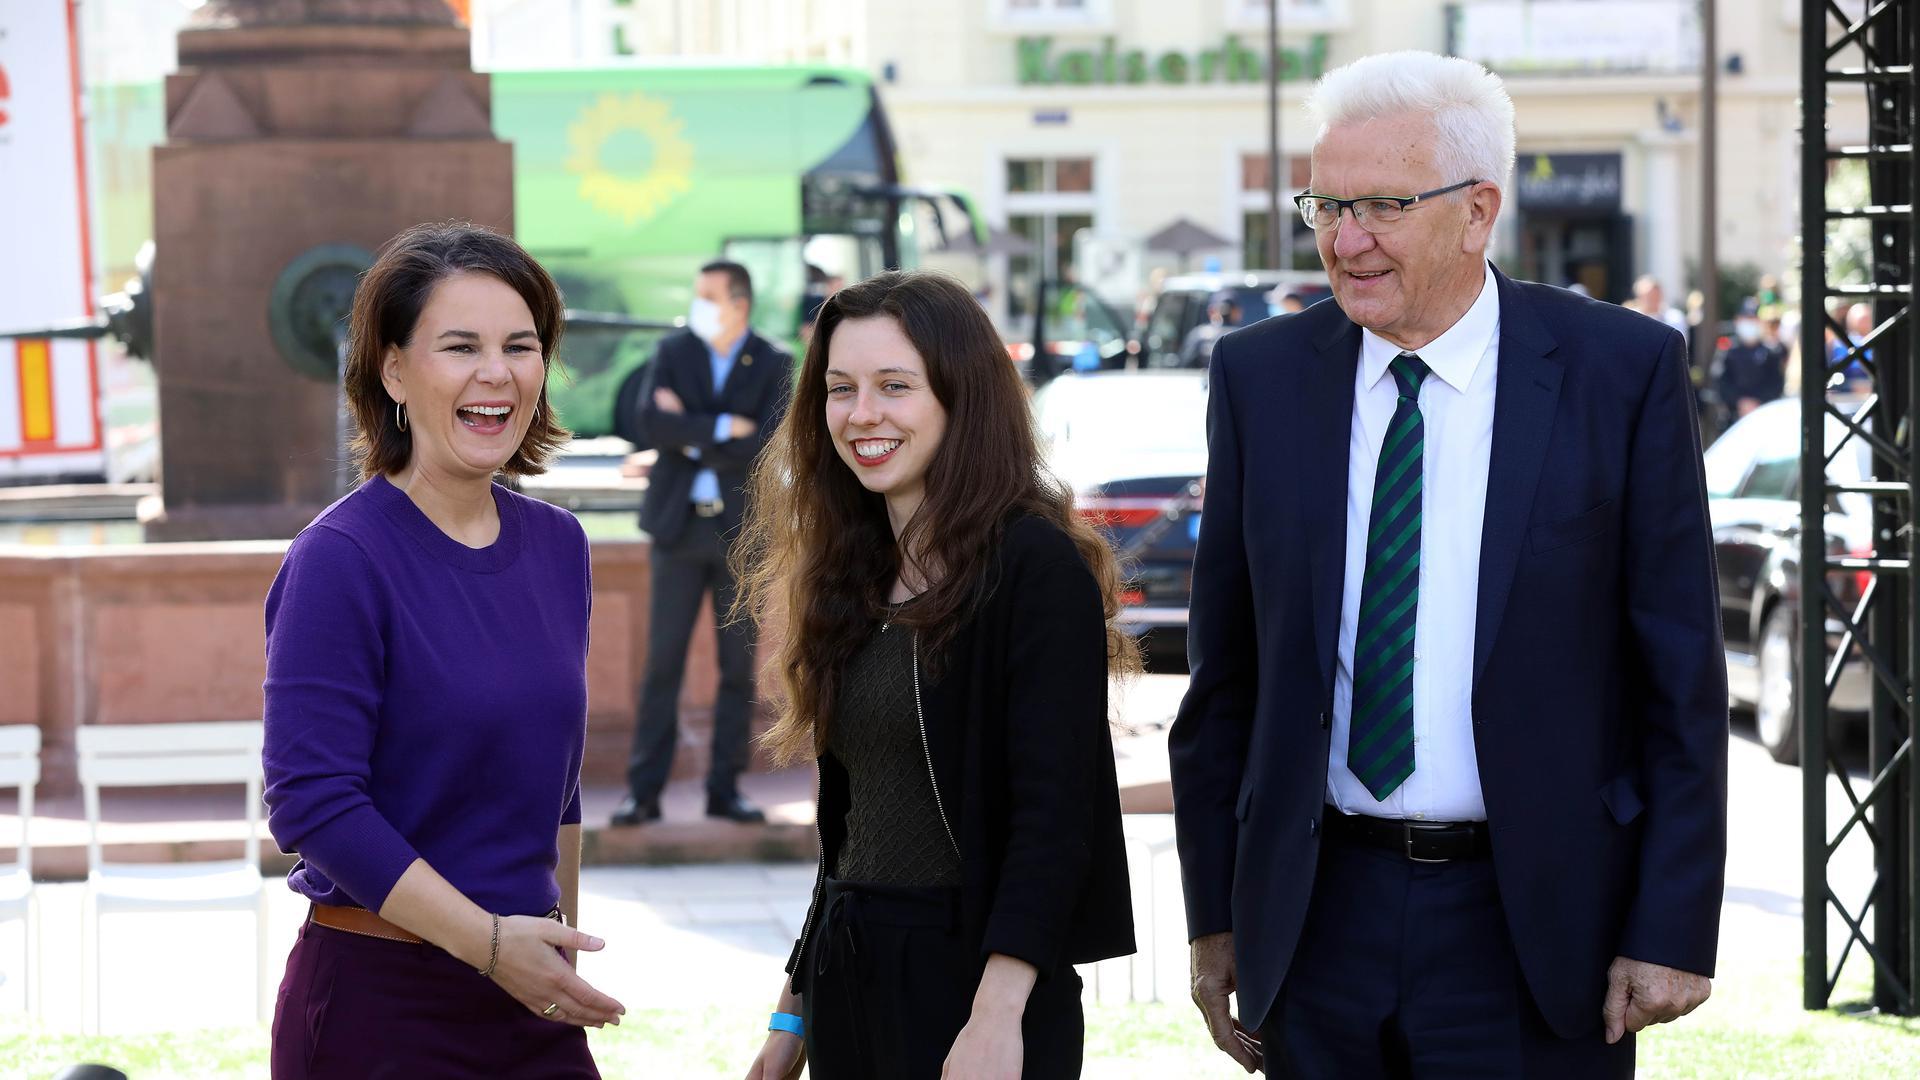 Wahlkampf der Gruenen in Karlsruhe mit Annalena Baerbock, MP Kretschmann, Zoe Mayer auf dem Marktplatz.